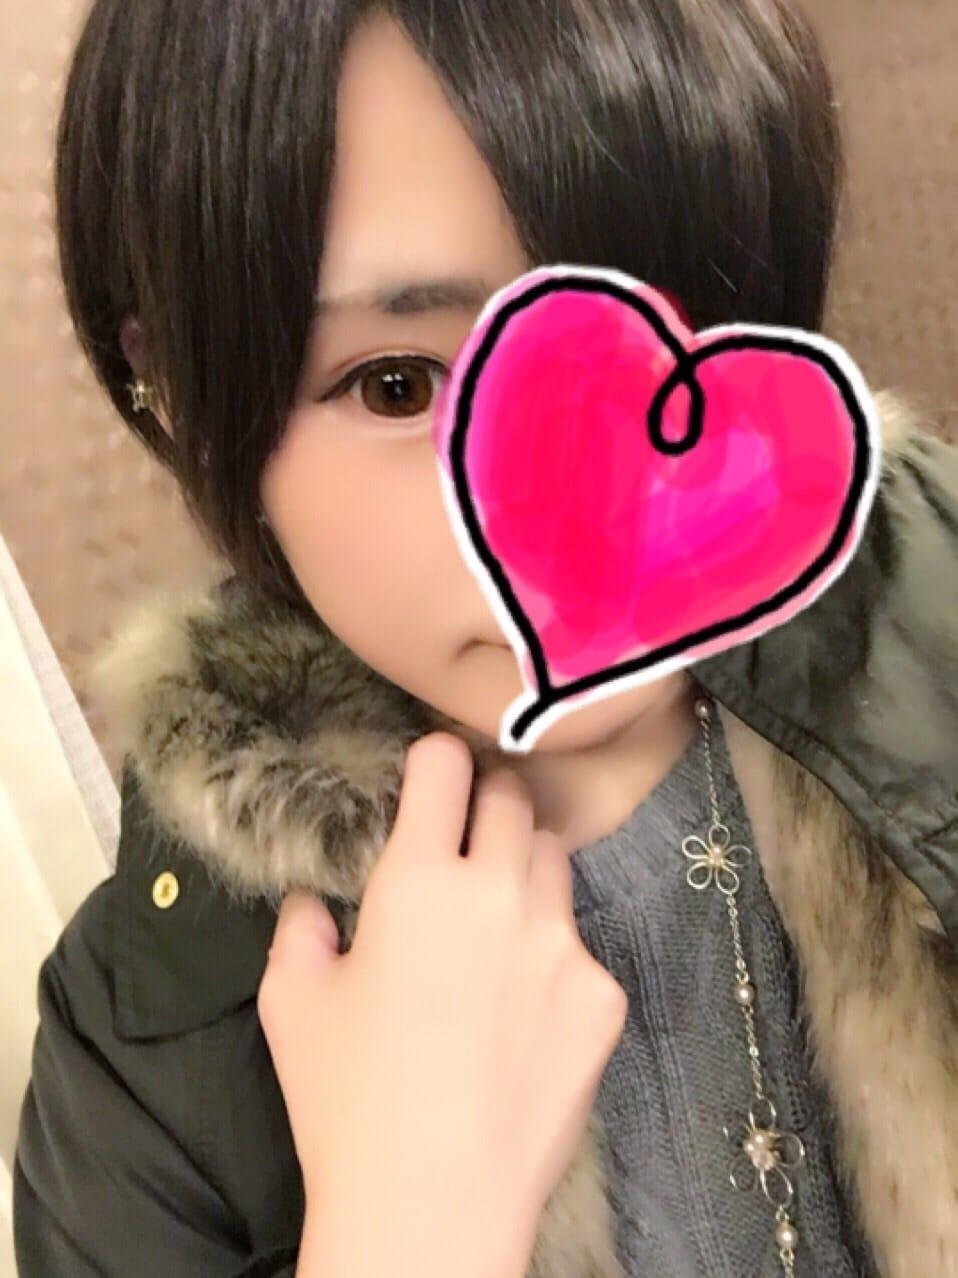 「出勤☆」12/18(月) 01:15 | ゆみか☆彡Gカップの美巨乳の写メ・風俗動画